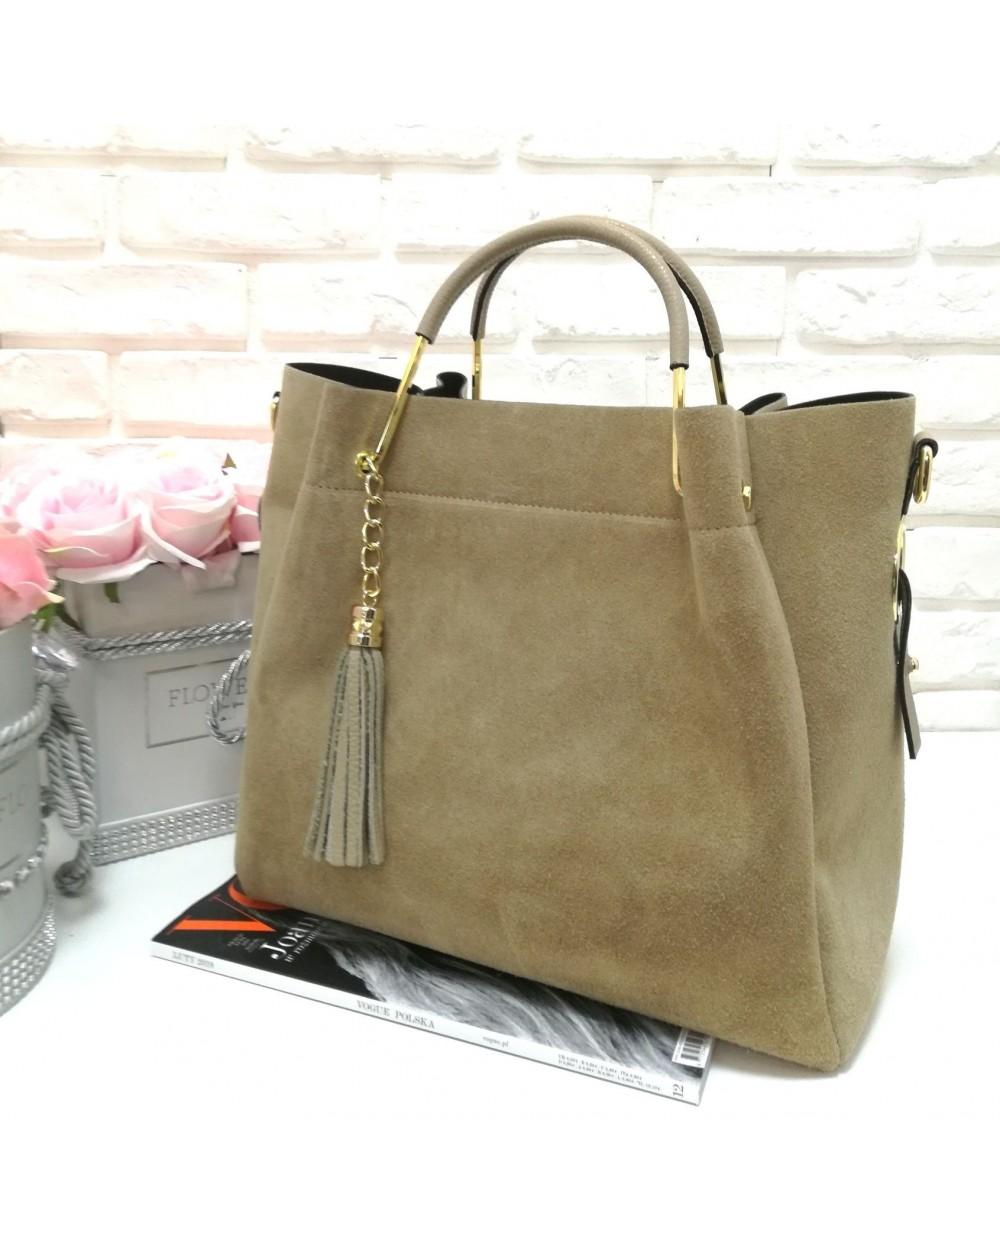 c9722f734b124 Włoska torebka zamszowa duży kuferek z frędzelkiem a la LV beżowa ...